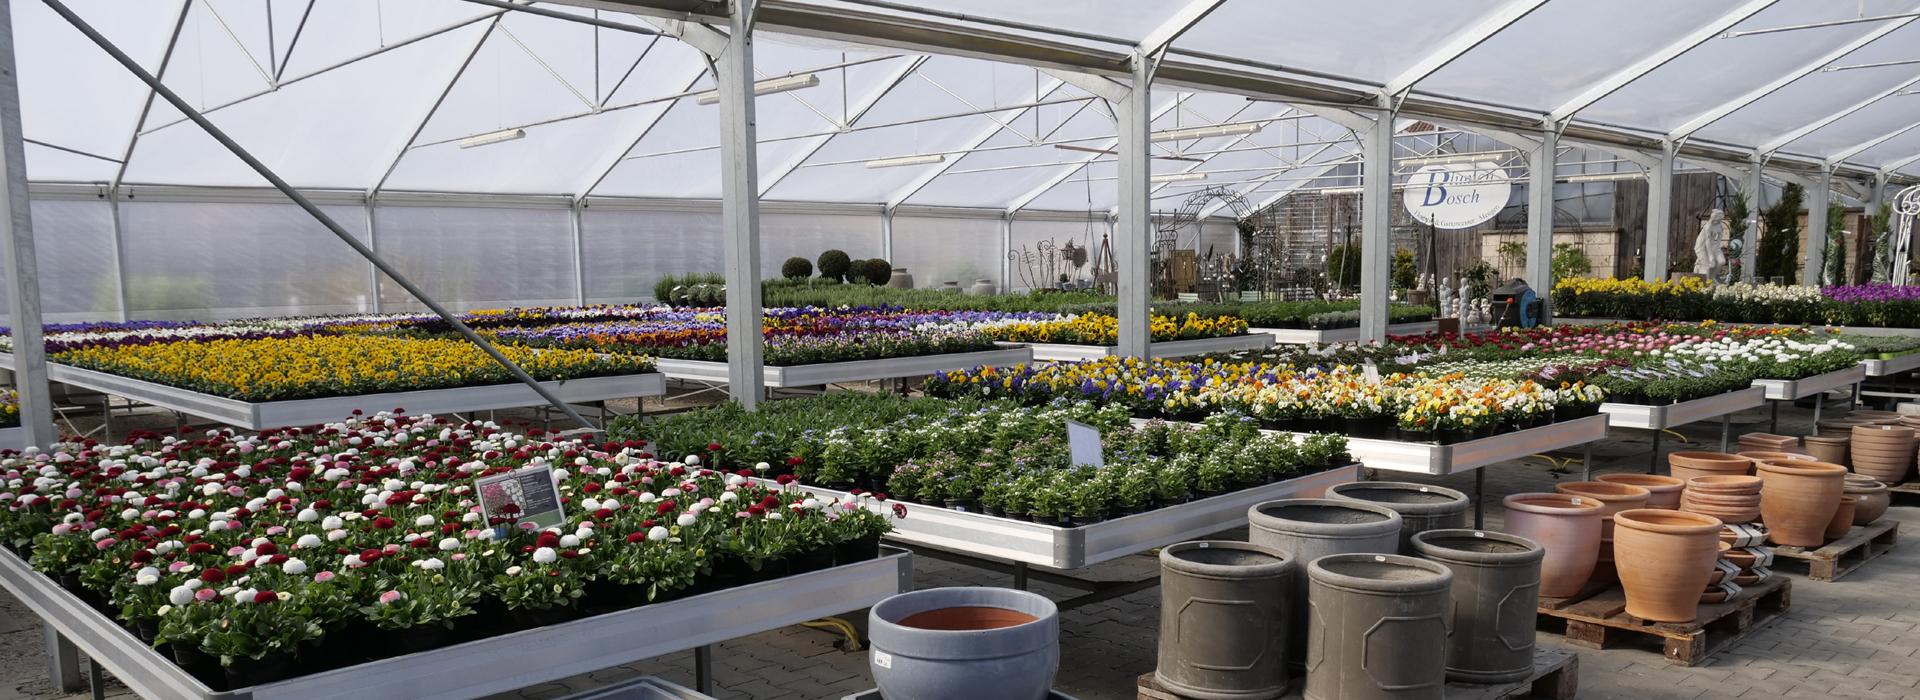 Blumen-Bosch-Unternehmen